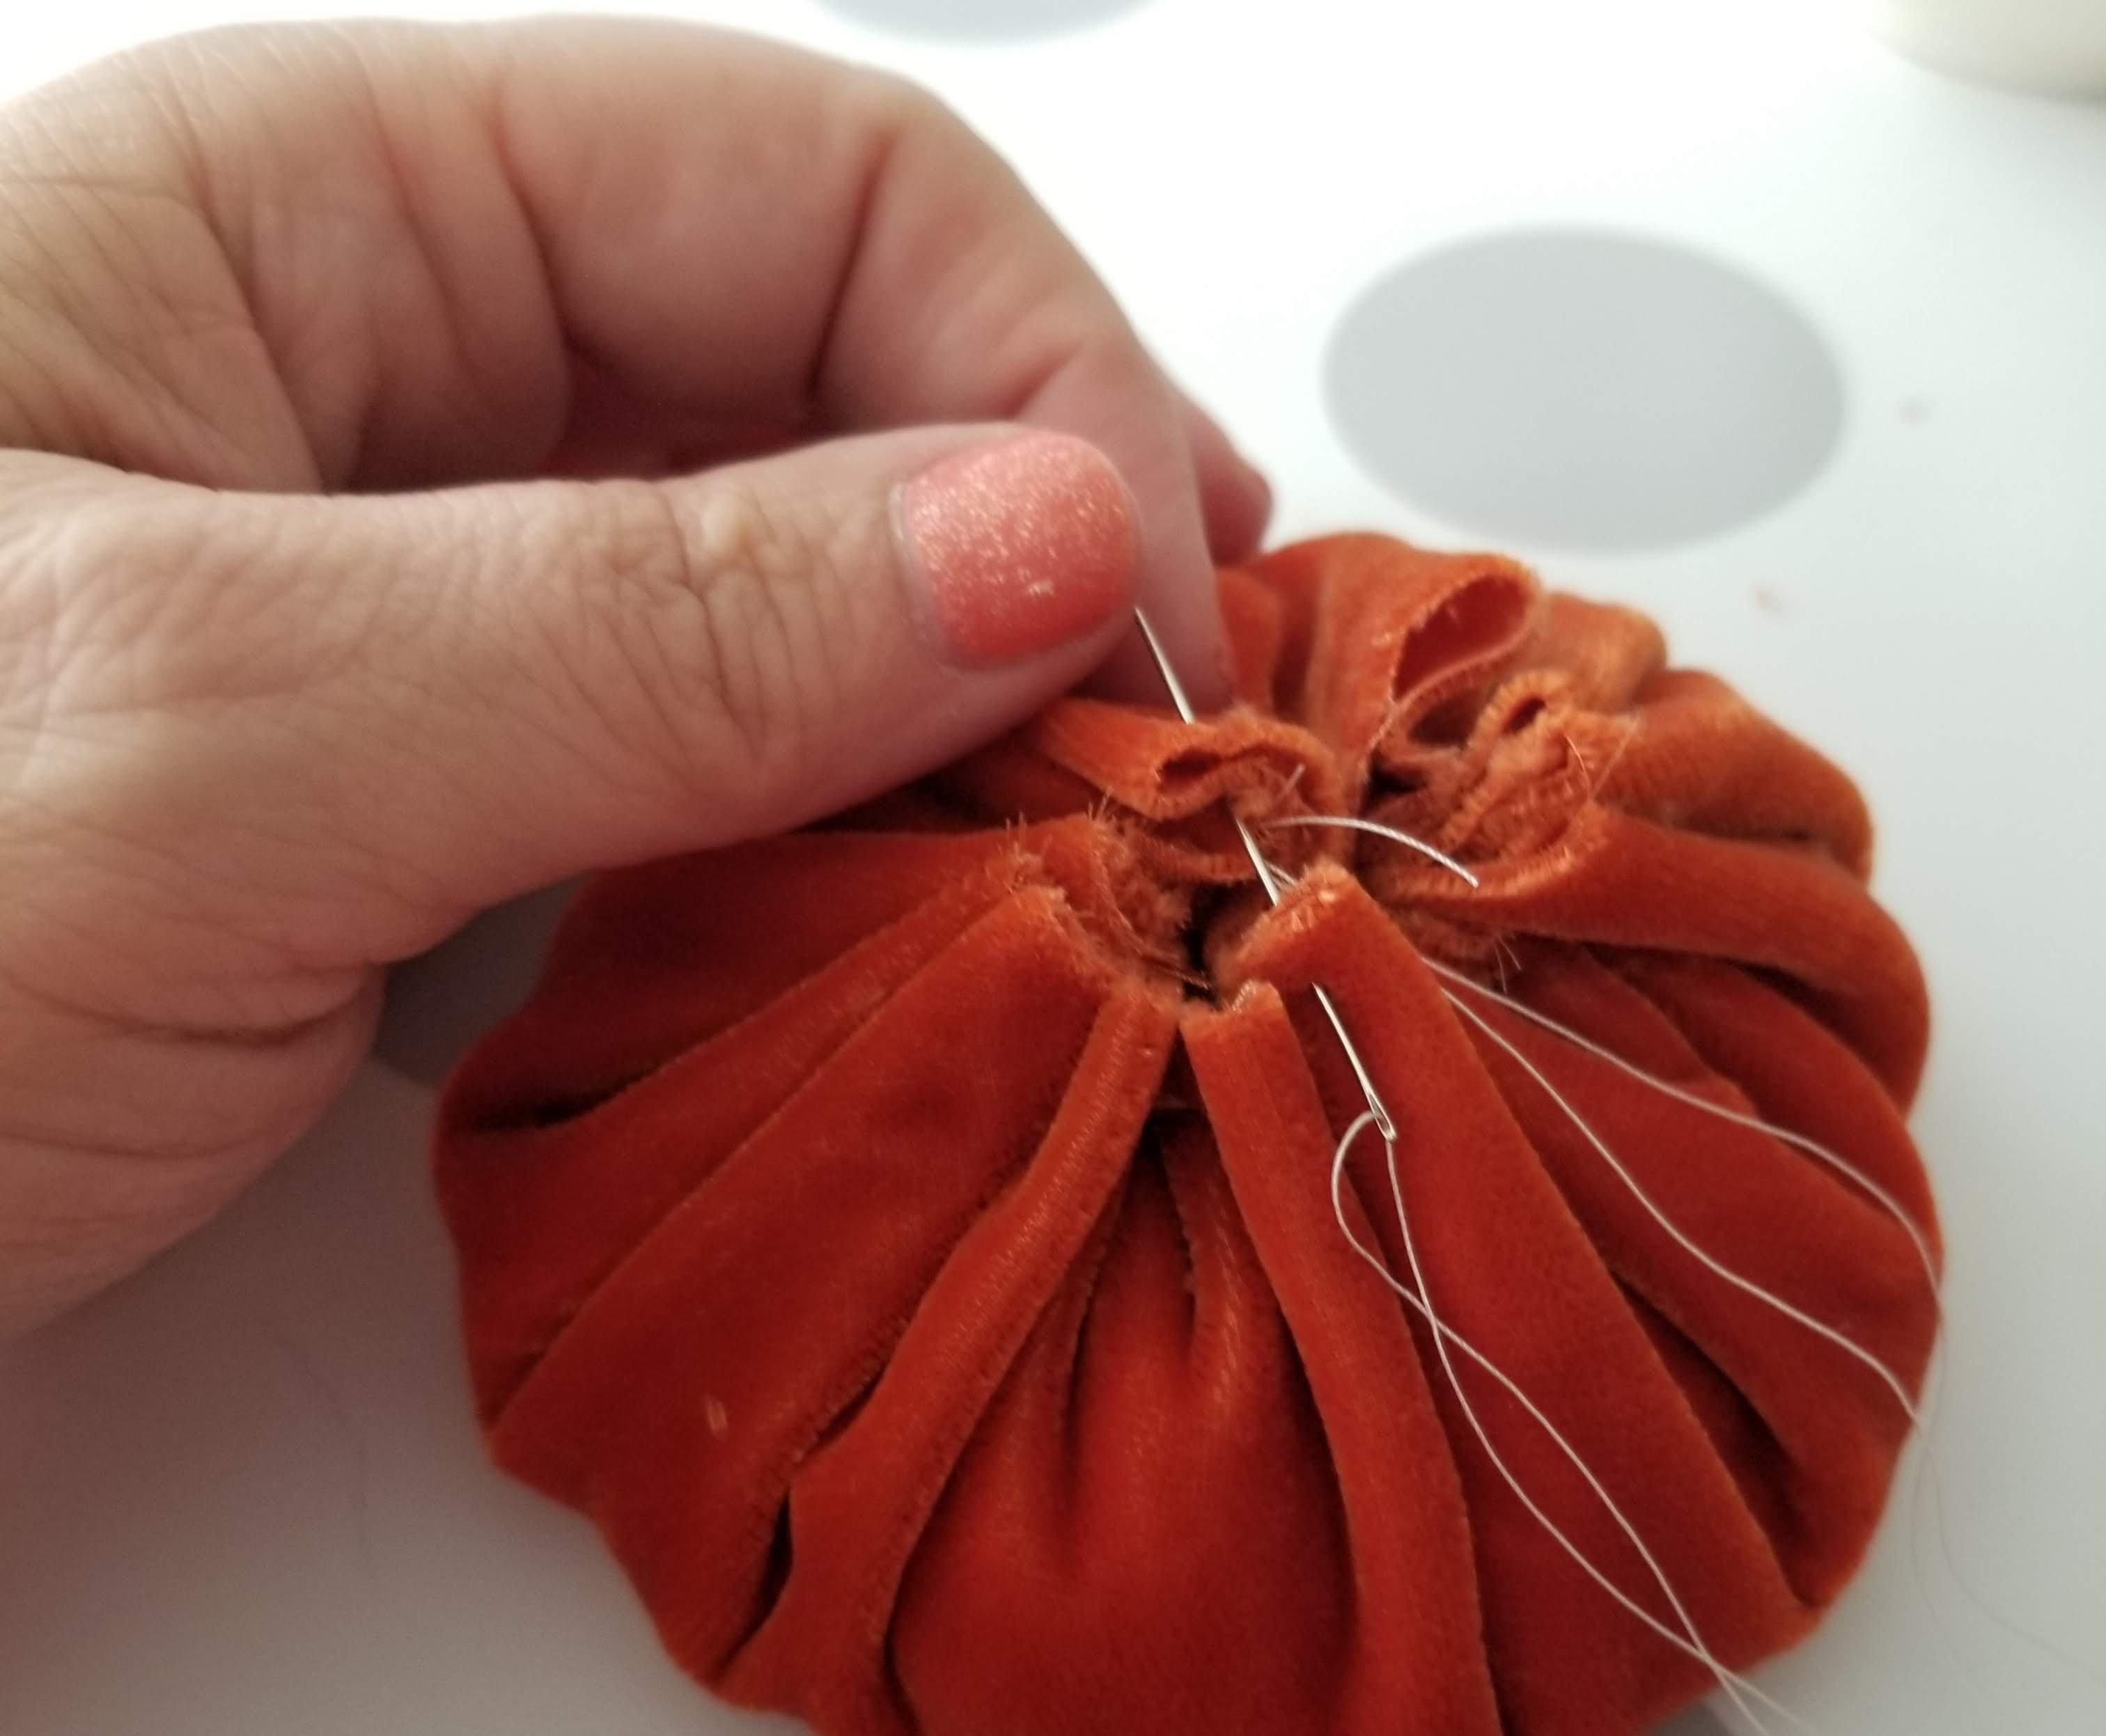 tying off cinch pumpkin handmade home decor